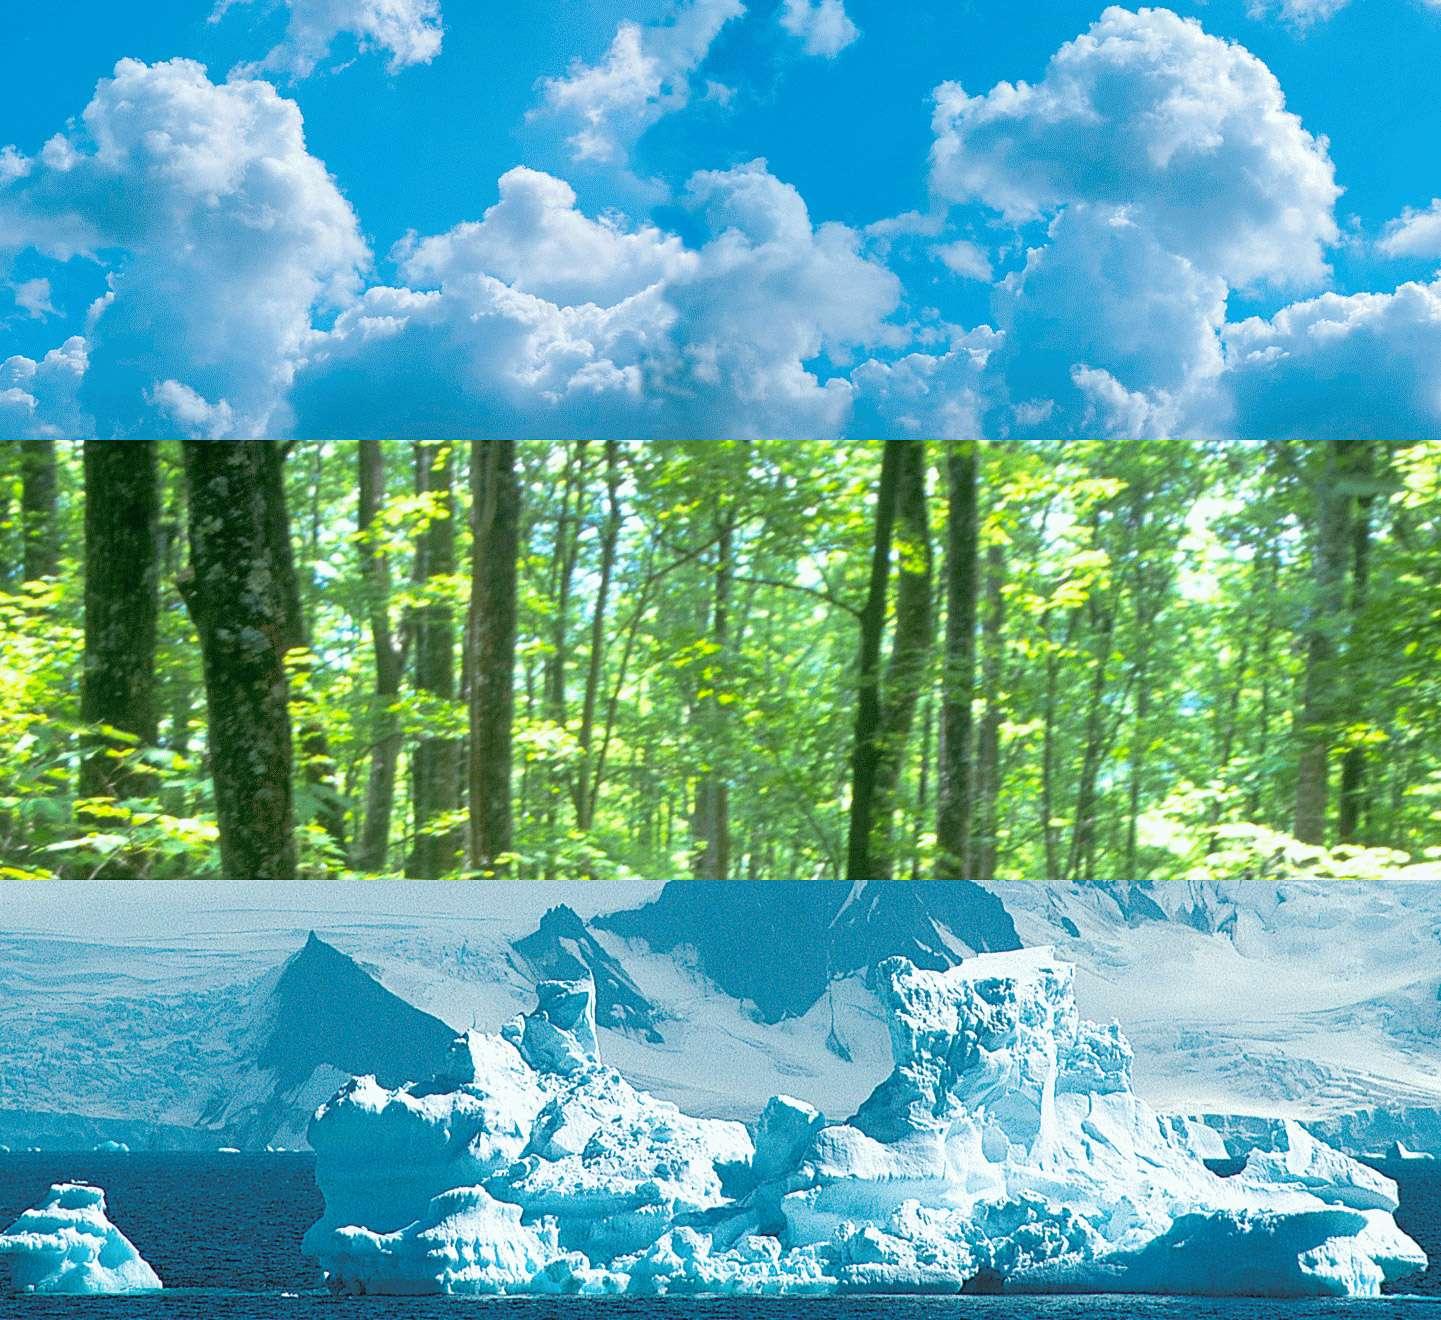 Le programme d'observation de la Terre de l'Agence spatiale européenne comptera une mission de plus avec la sélection en mars de la septième mission d'exploration de la Terre. Elle concernera soit la biomasse, soit l'eau potable sous forme de neige, soit l'atmosphère. © Esa